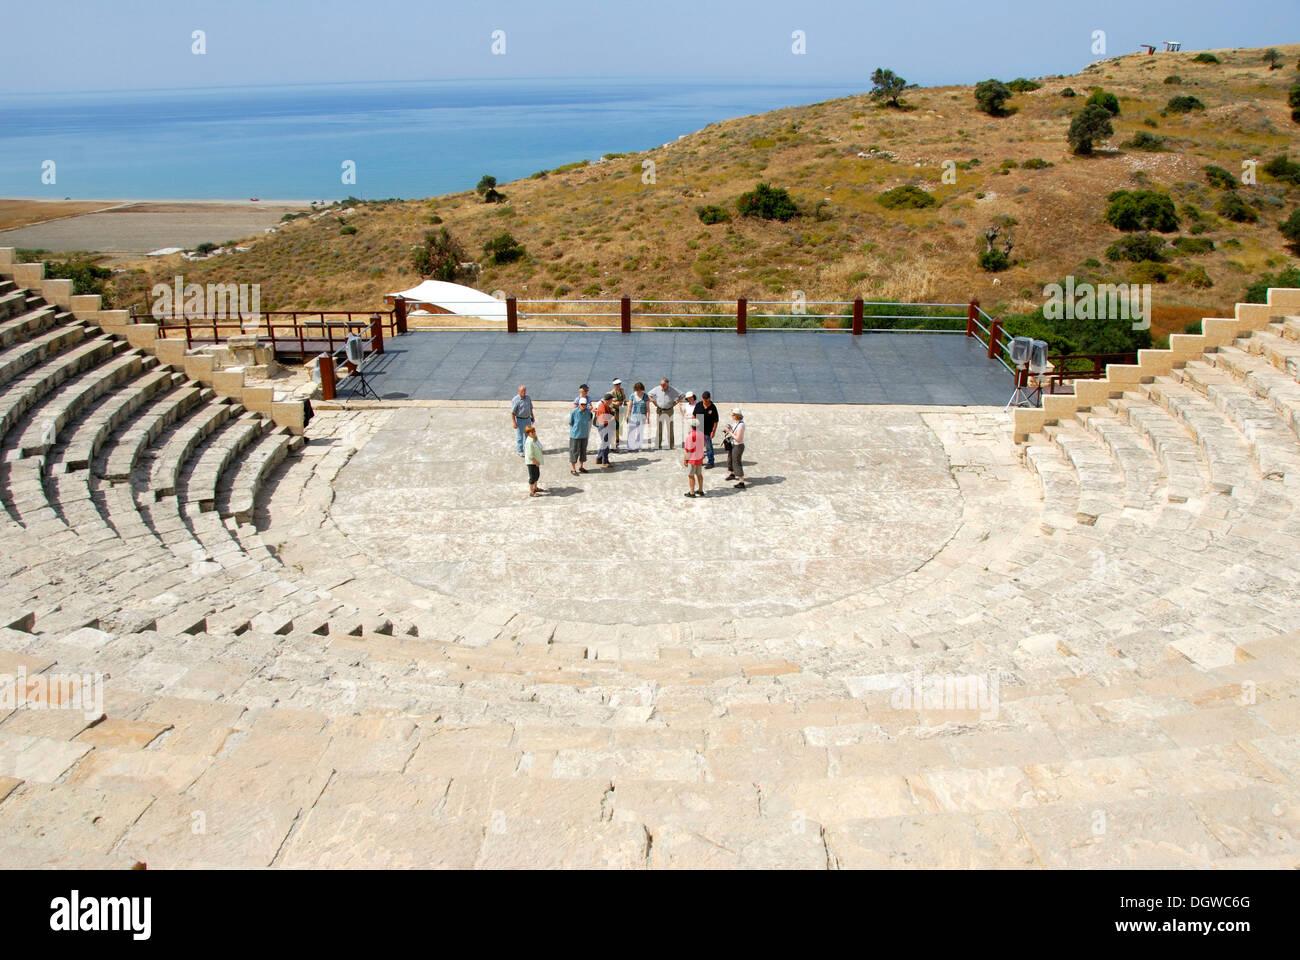 Viaggi di gruppo, viaggi di studio, archeologia, antichità, sito archeologico, teatro greco-romano, Kourion, Immagini Stock